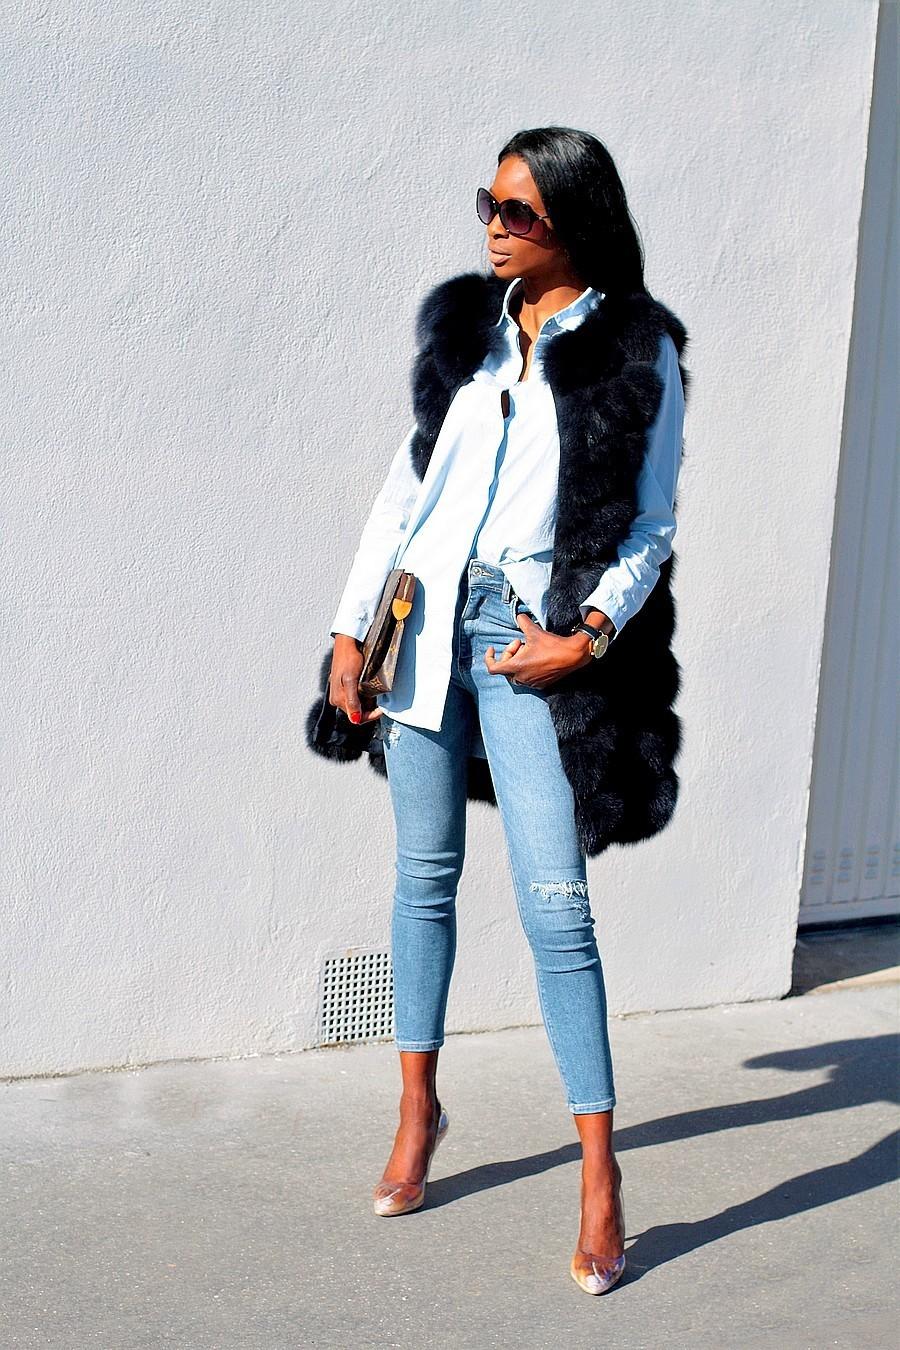 idee-look-chic-facile-jeans-chemise-pochette-louis-vuitton-gilet-fourrure